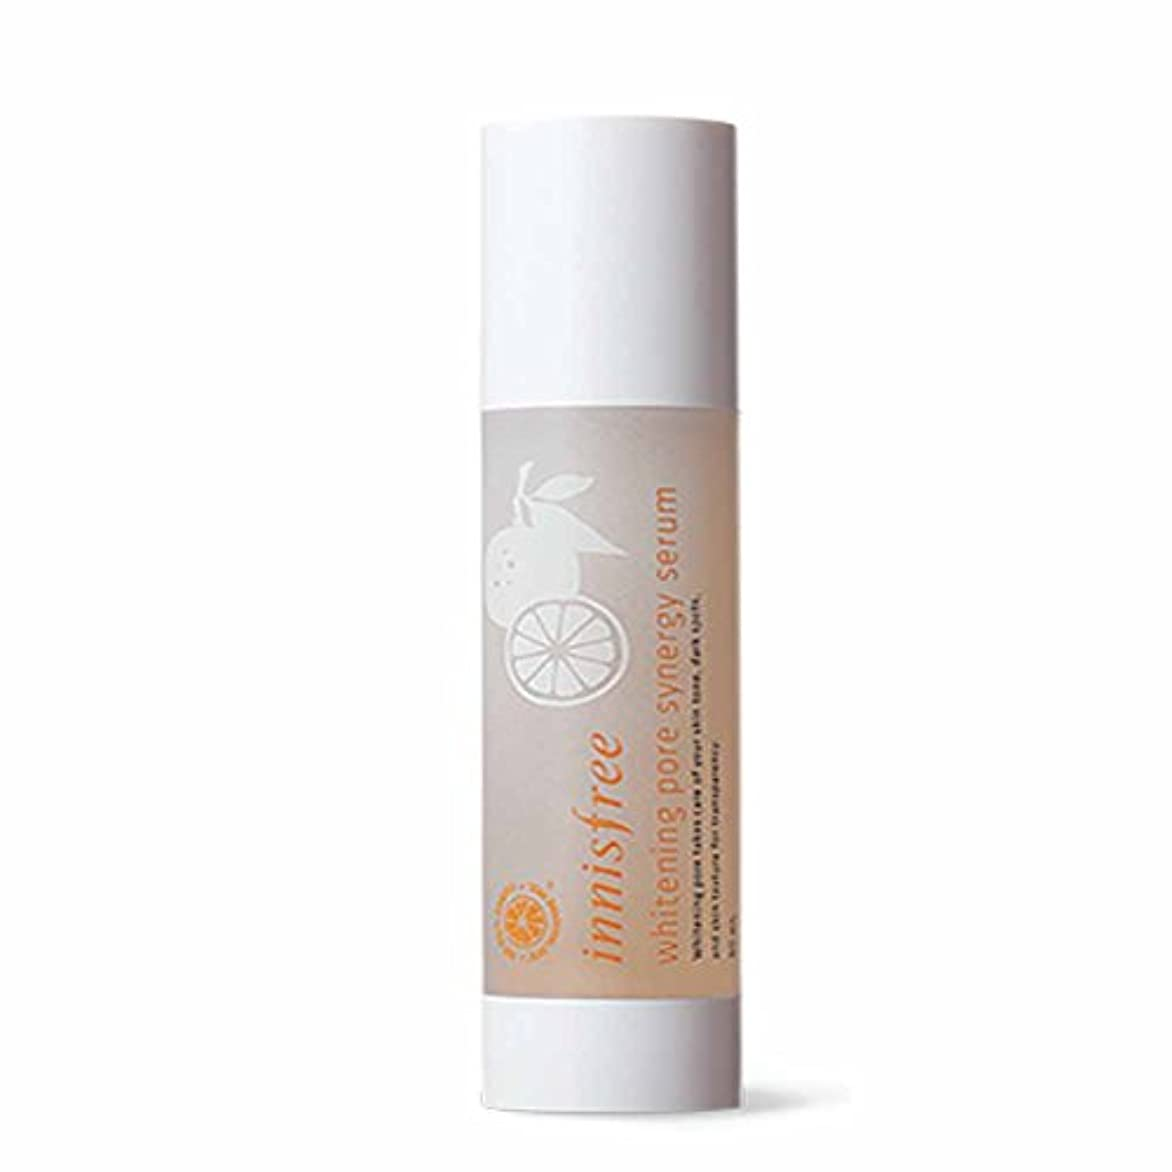 裁量ベットインシデントイニスフリーホワイトニングポアシナジーセラム50ml Innisfree Whitening Pore Synergy Serum 50ml[海外直送品][並行輸入品]